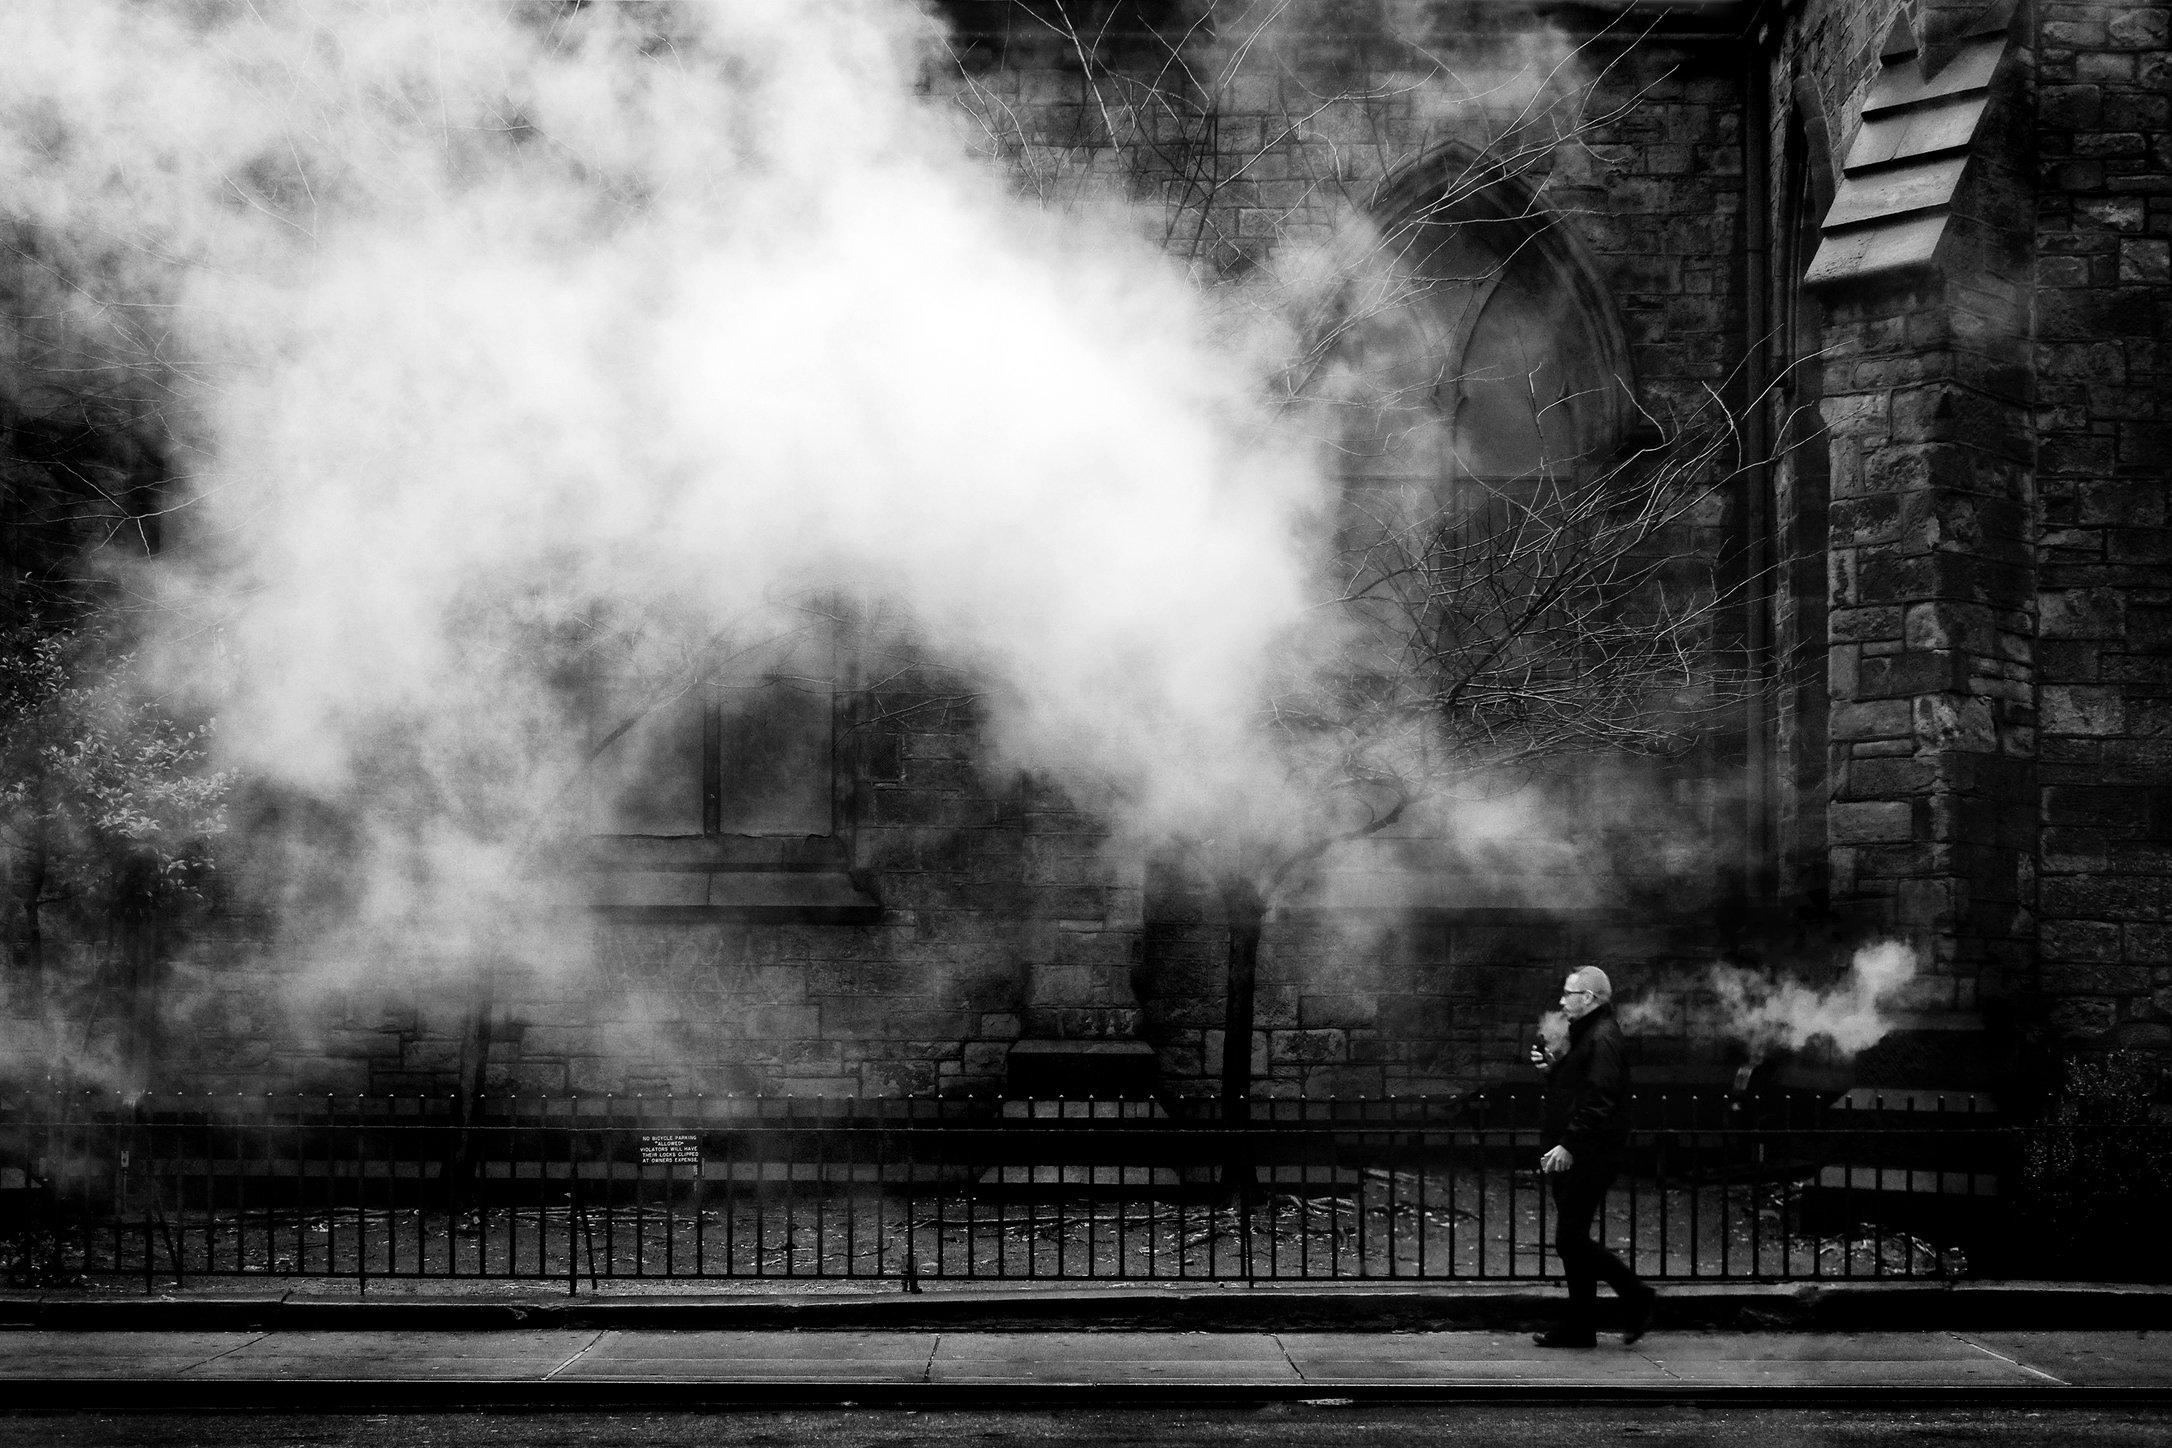 smoke-steam-mono.jpg